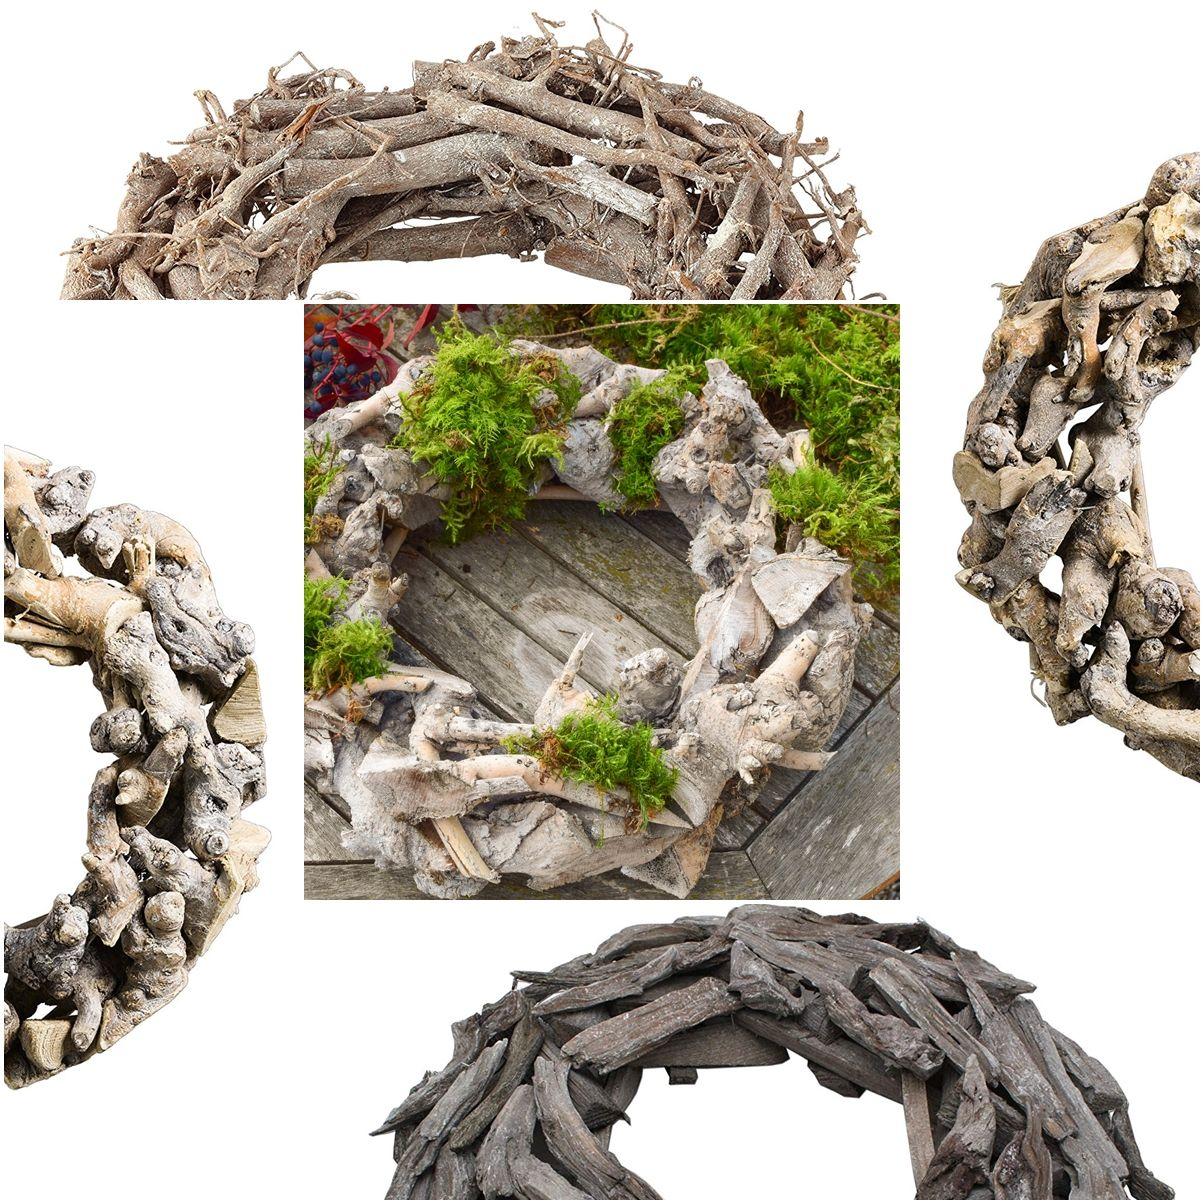 Naturdeko Holz Luxus Holzkranz Dekorieren Deko Kranz Aus Holz Finden Tipps Und